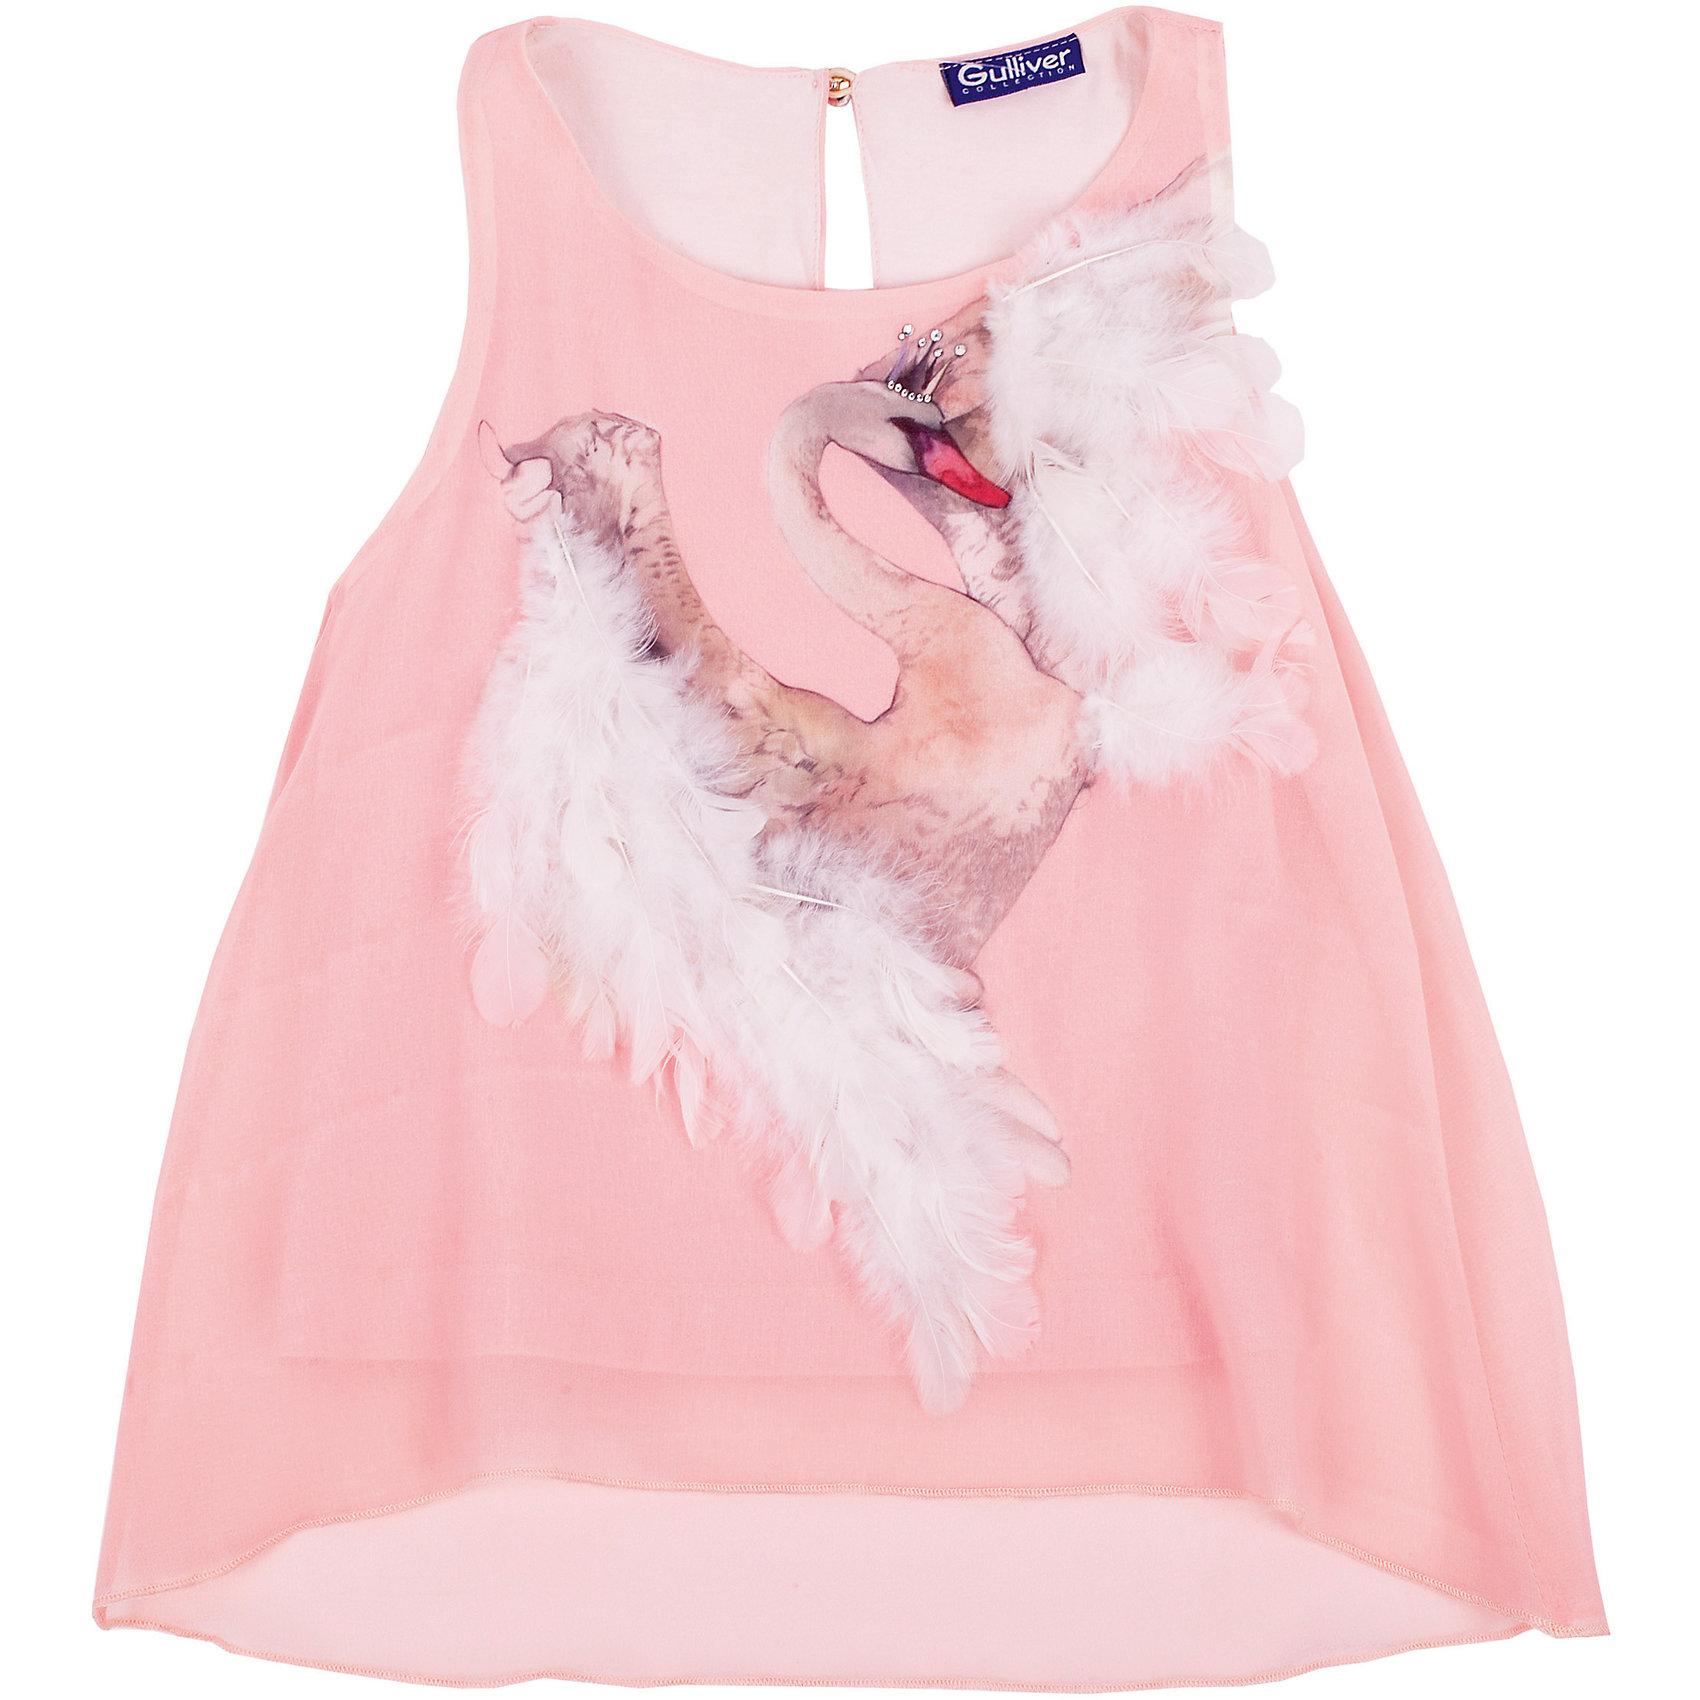 Блузка для девочки GulliverБлузка для девочки от известного бренда Gulliver.<br>Подготовка к празднику - приятные хлопоты! Если вы хотите сделать праздничный день радостным и ярким, вам стоит купить элегантную персиковую  блузку с нежным  декором. Блузка оформлена интересным акварельным принтом, расшитым натуральными перьями. В нем легкость птичьего полета, грациозность, изящество. Конечно, такая вещь требует деликатного отношения, но ведь и праздники случаются не каждый день? Эта модель - лучший выбор блузки для девочки. Она сделает образ ребенка нежным, утонченным, изысканным.<br>Состав:<br>верх: 100% полиэстер; подкладка: 76% вискоза 19% полиэстер 5% эластан<br><br>Ширина мм: 186<br>Глубина мм: 87<br>Высота мм: 198<br>Вес г: 197<br>Цвет: розовый<br>Возраст от месяцев: 24<br>Возраст до месяцев: 36<br>Пол: Женский<br>Возраст: Детский<br>Размер: 98,104,110,116<br>SKU: 5103504